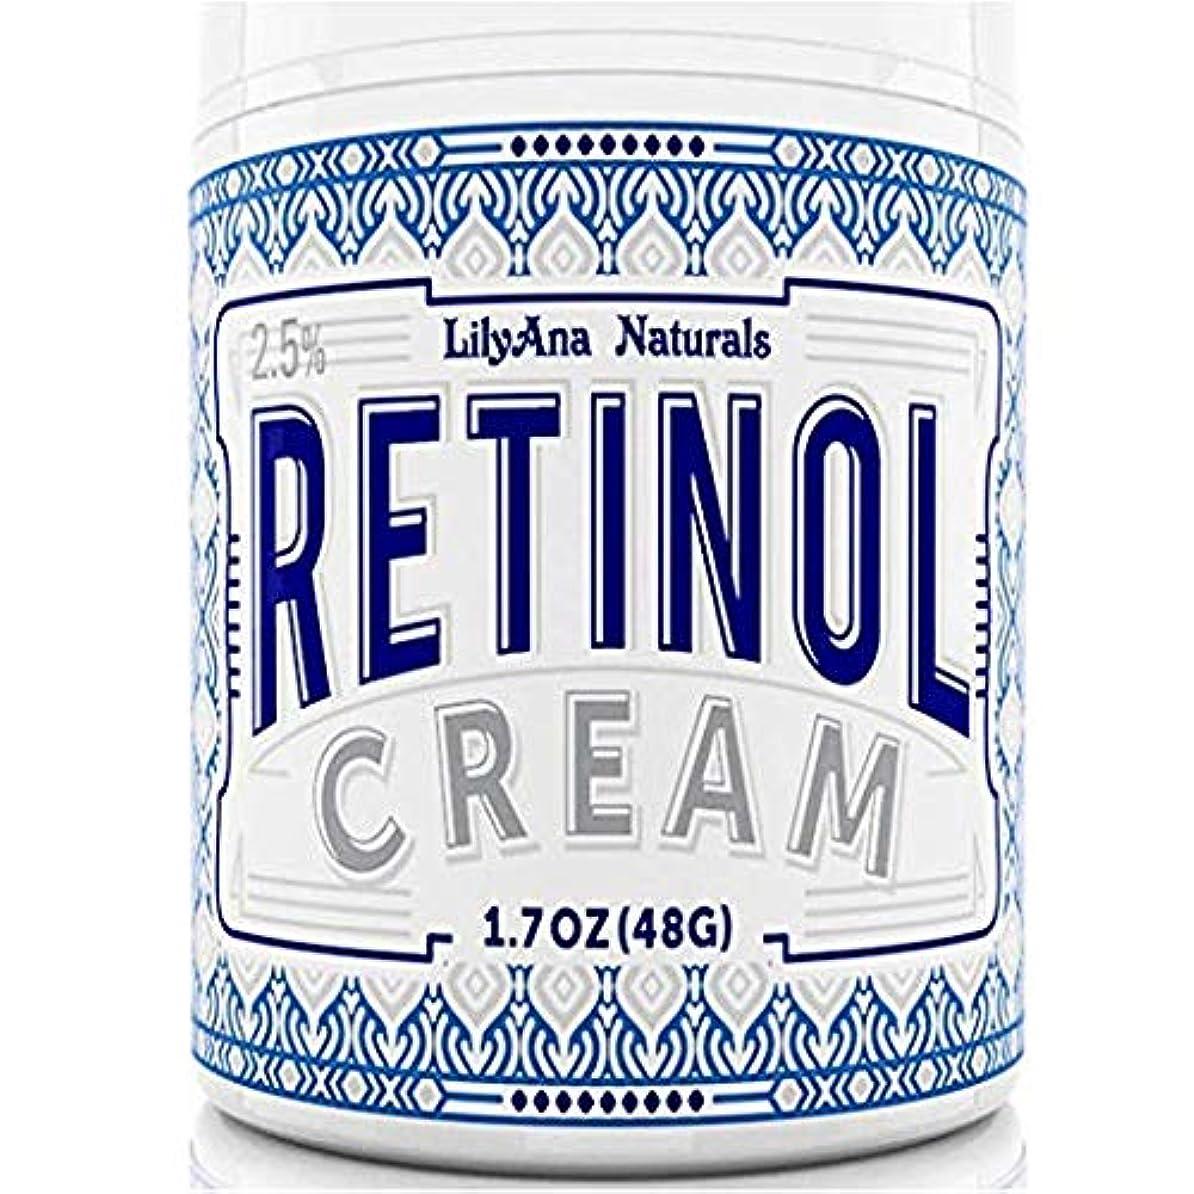 証人交じる検索LilyAna 社 の レチノール モイスチャー クリーム LilyAna Naturals Retinol Cream Moisturizer 1.7 Oz